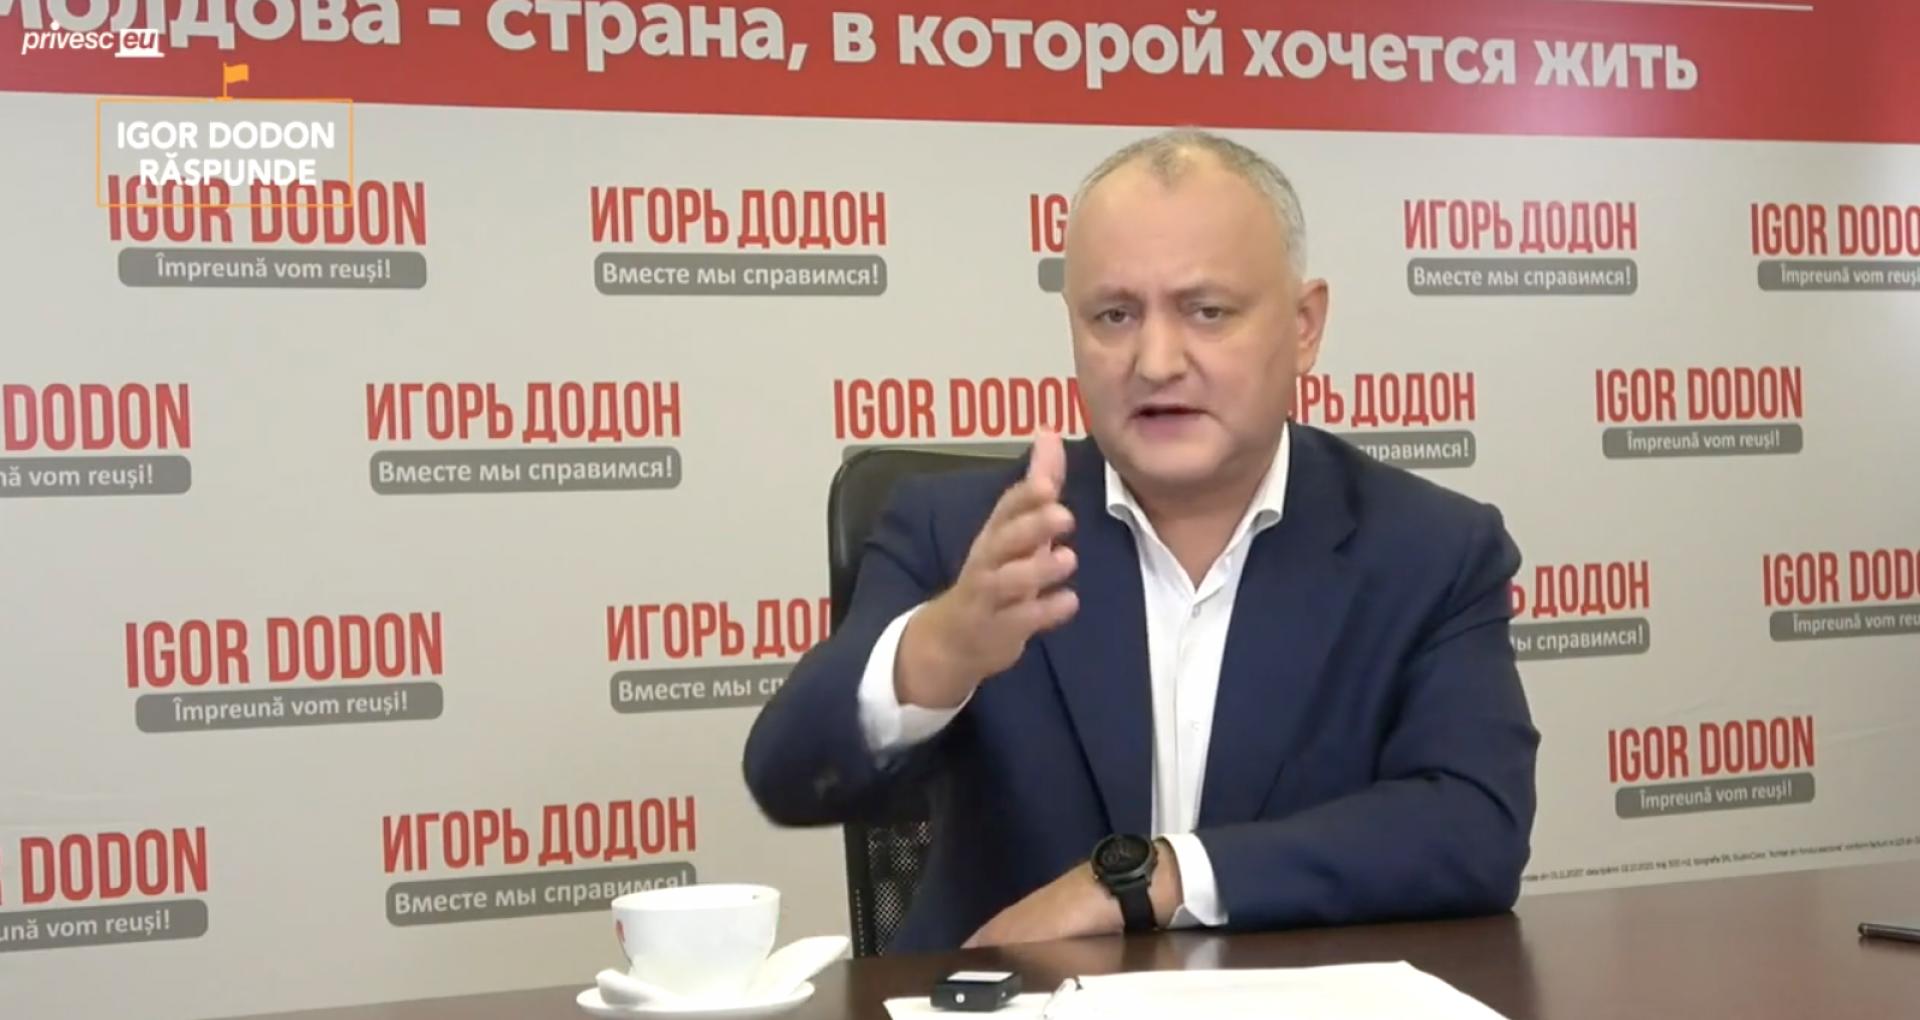 """VIDEO/ Igor Dodon, despre valori. """"În biroul președintelui, anul trecut am strâns-o într-un colț și i-am zis: Doamna Sandu, de ce ești așa speriată?"""""""